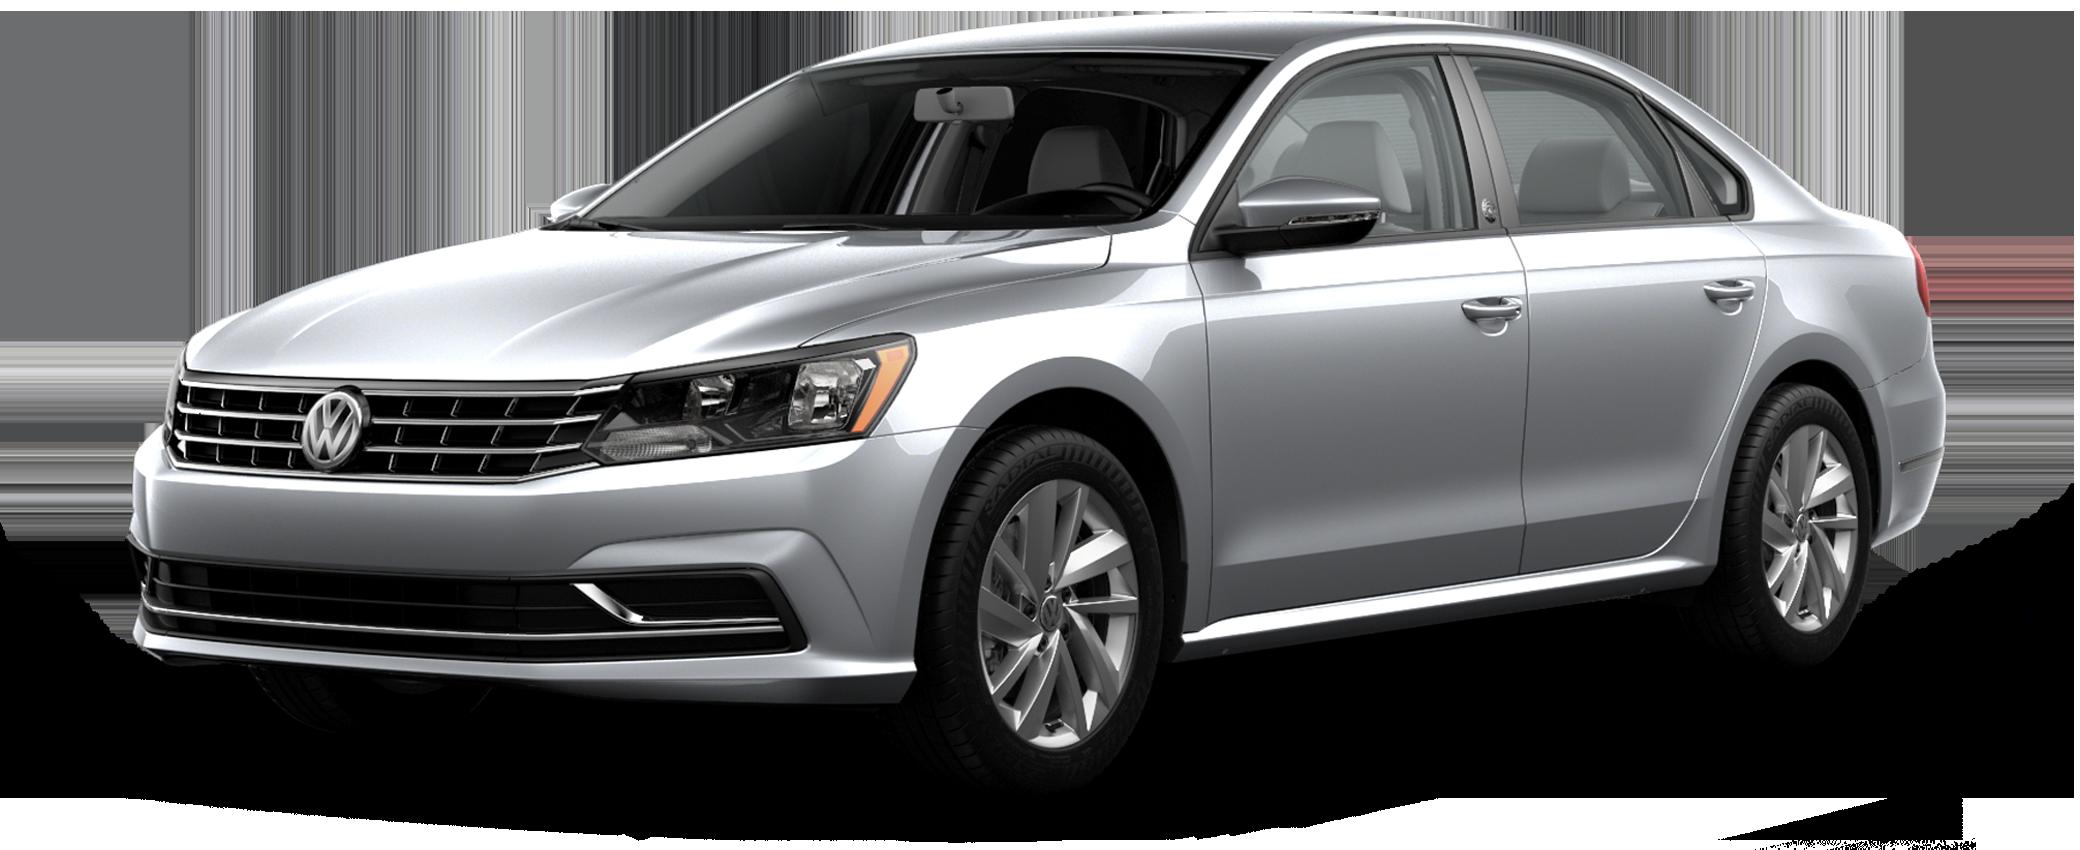 2019 Volkswagen Passat For Sale In Jacksonville Fl Tom Bush Volkswagen